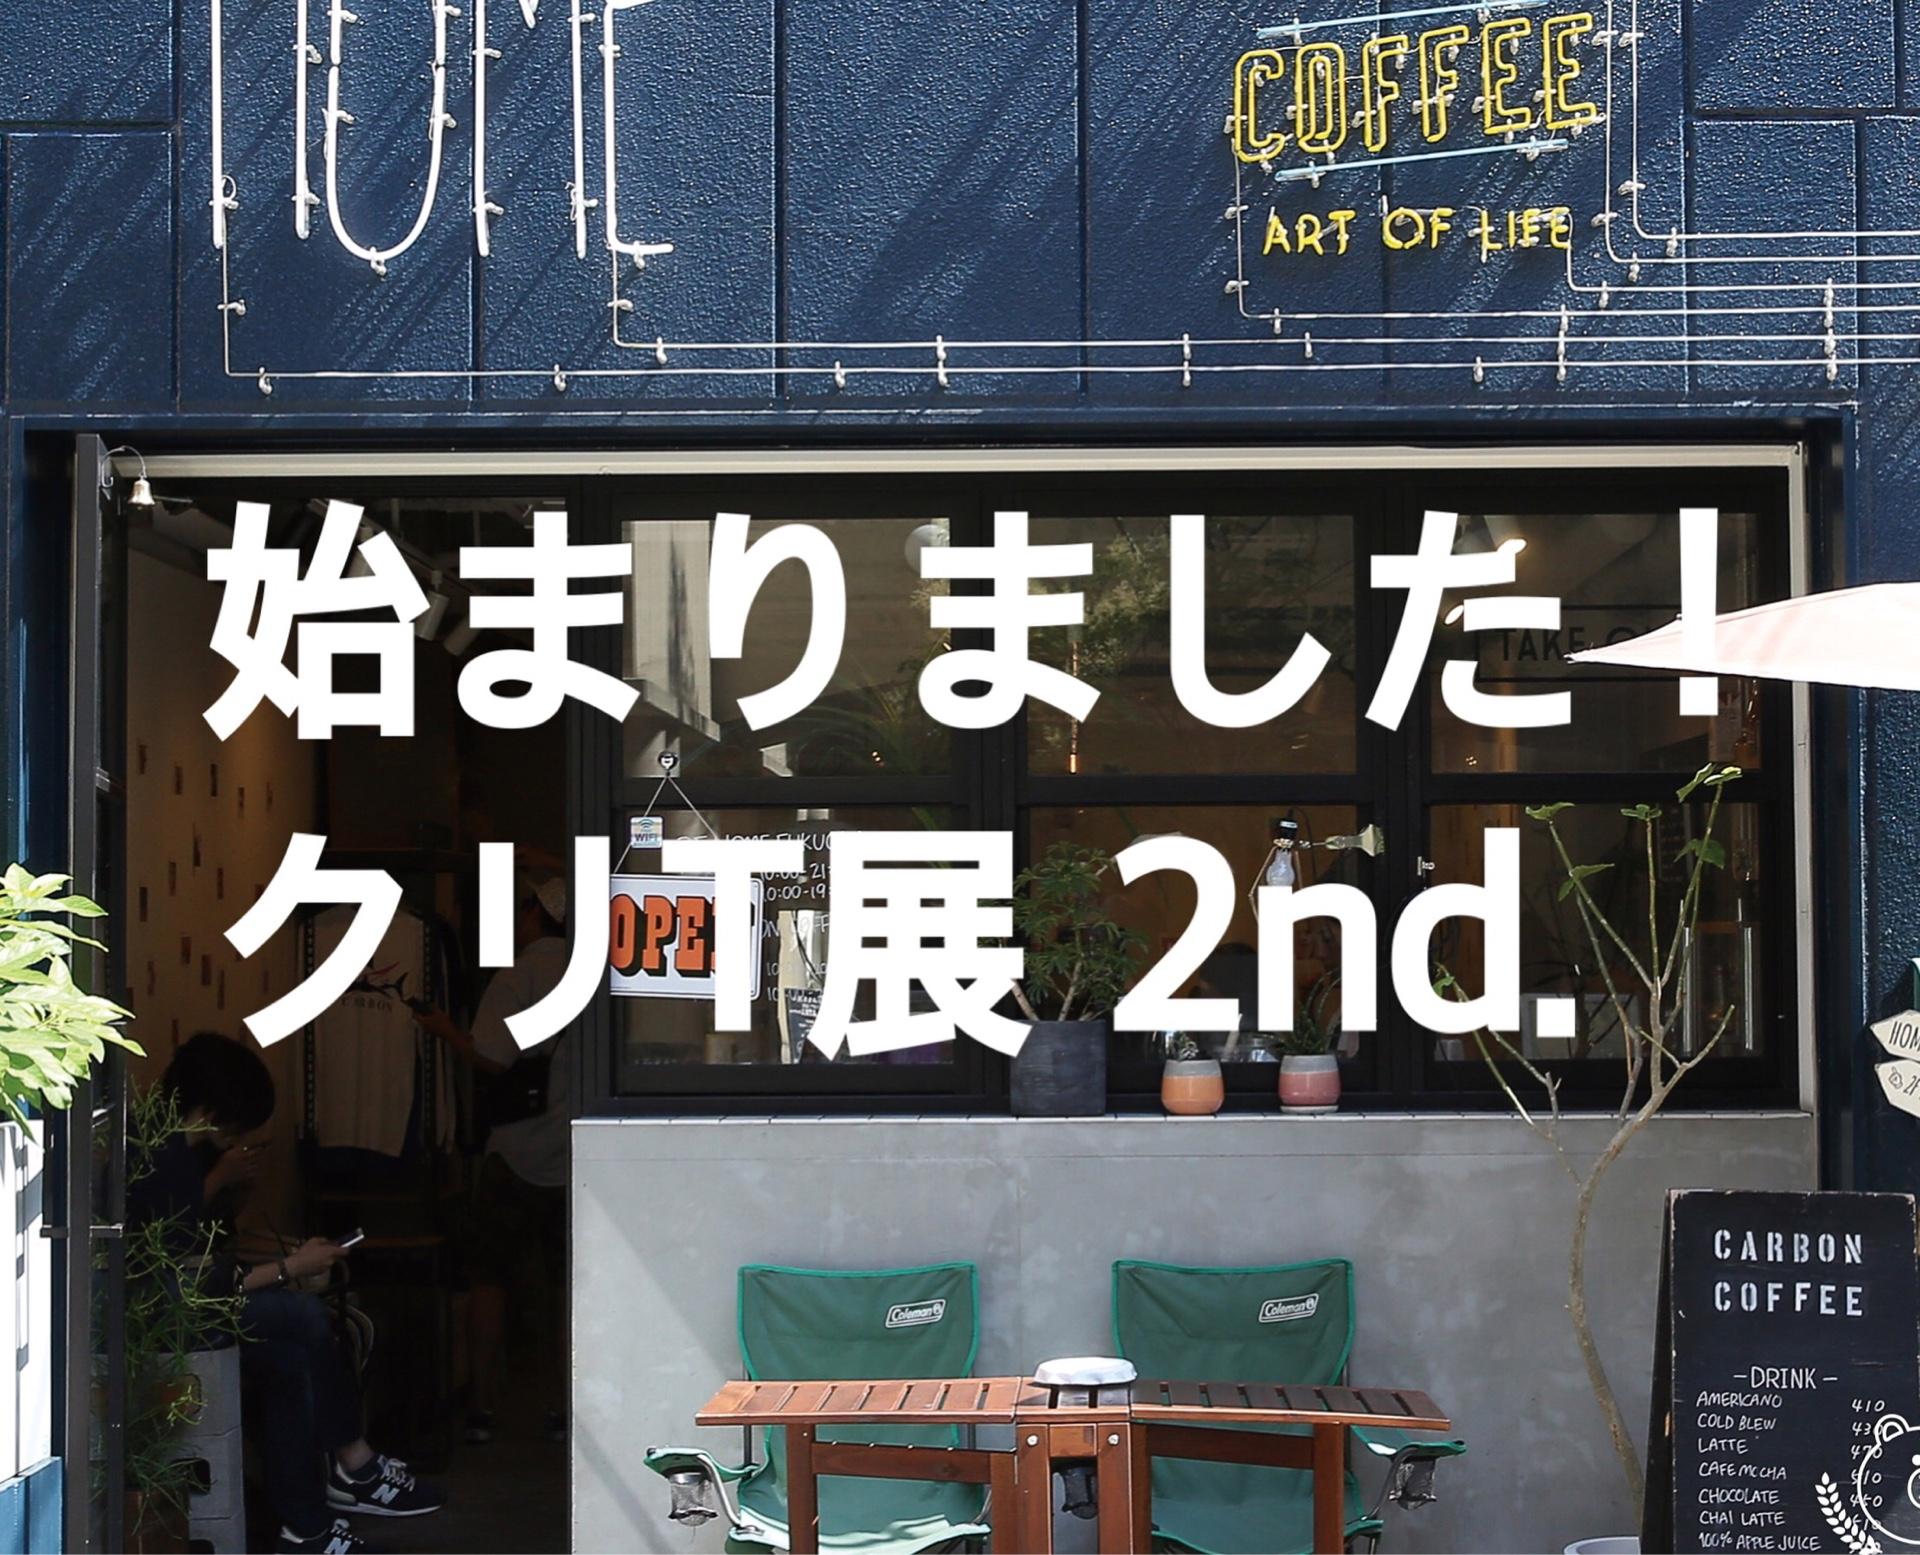 クリエイターズTシャツ展inカーボンコーヒー  7月20日(金)〜7月29日(日)